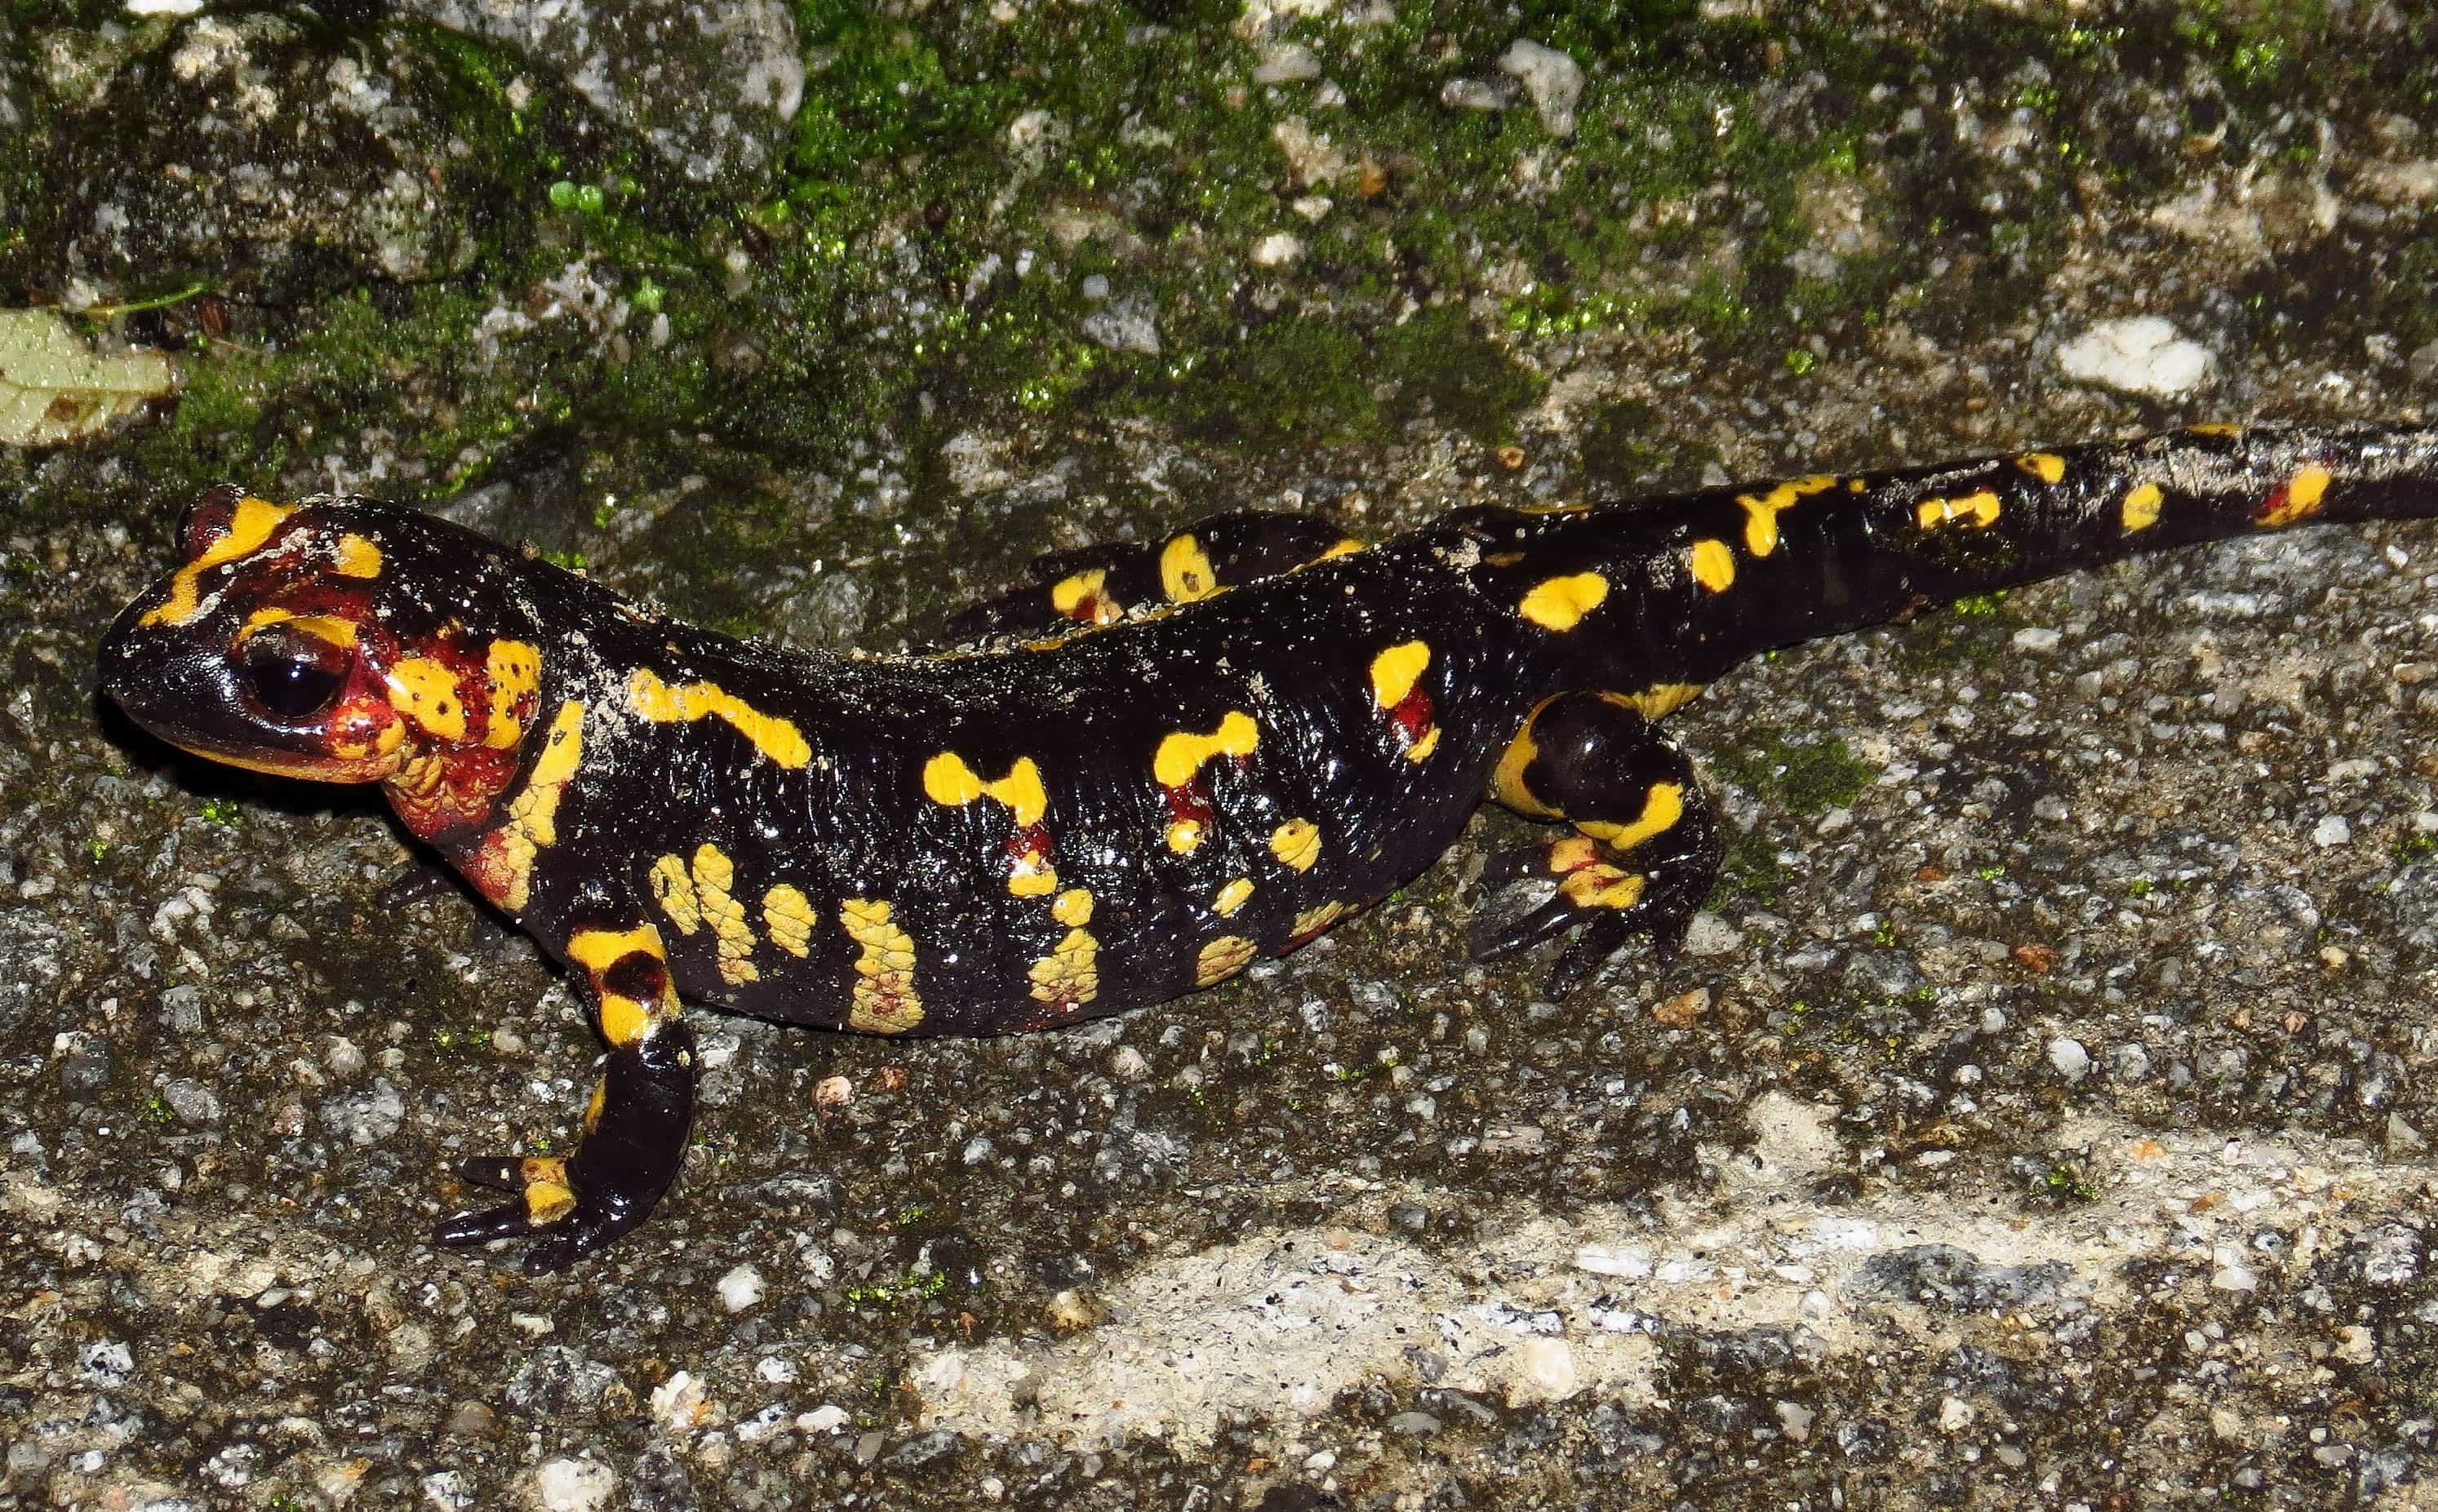 8600 Gambar Hewan Salamander Terbaru